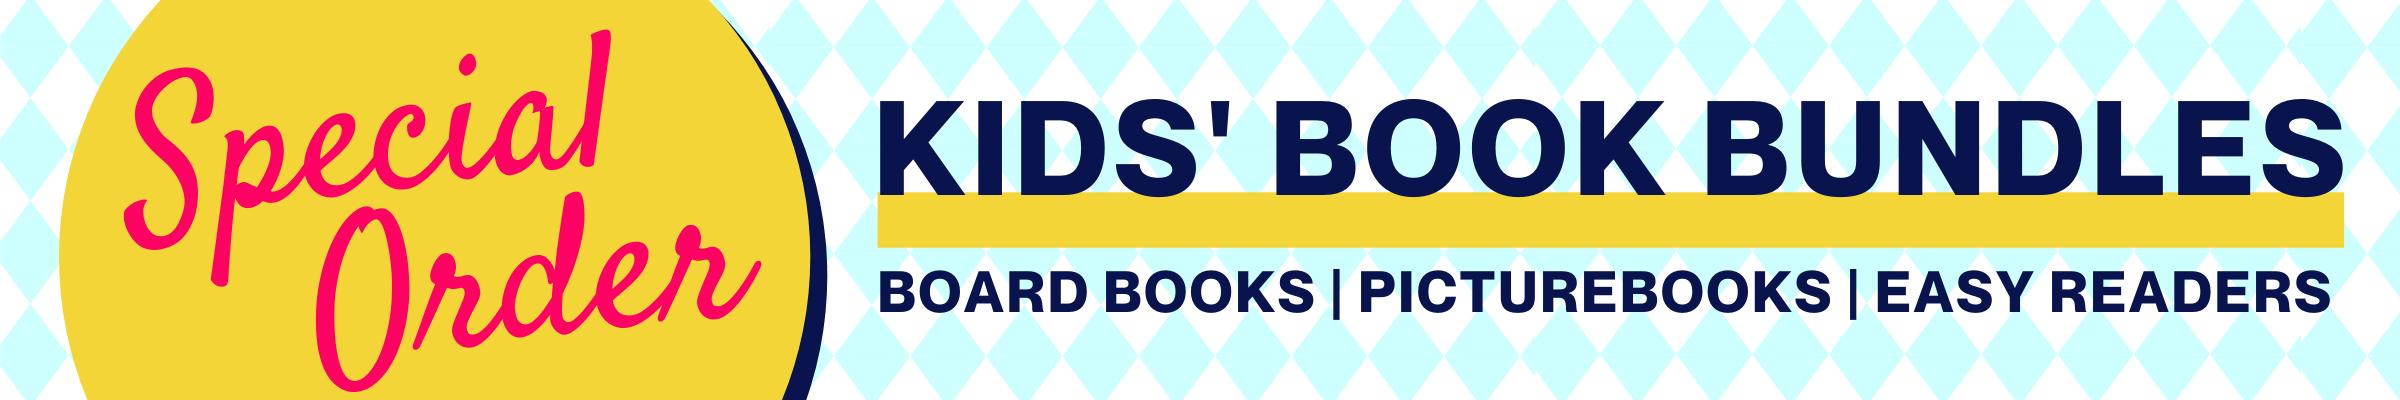 Special Order Kids Book Bundle Header